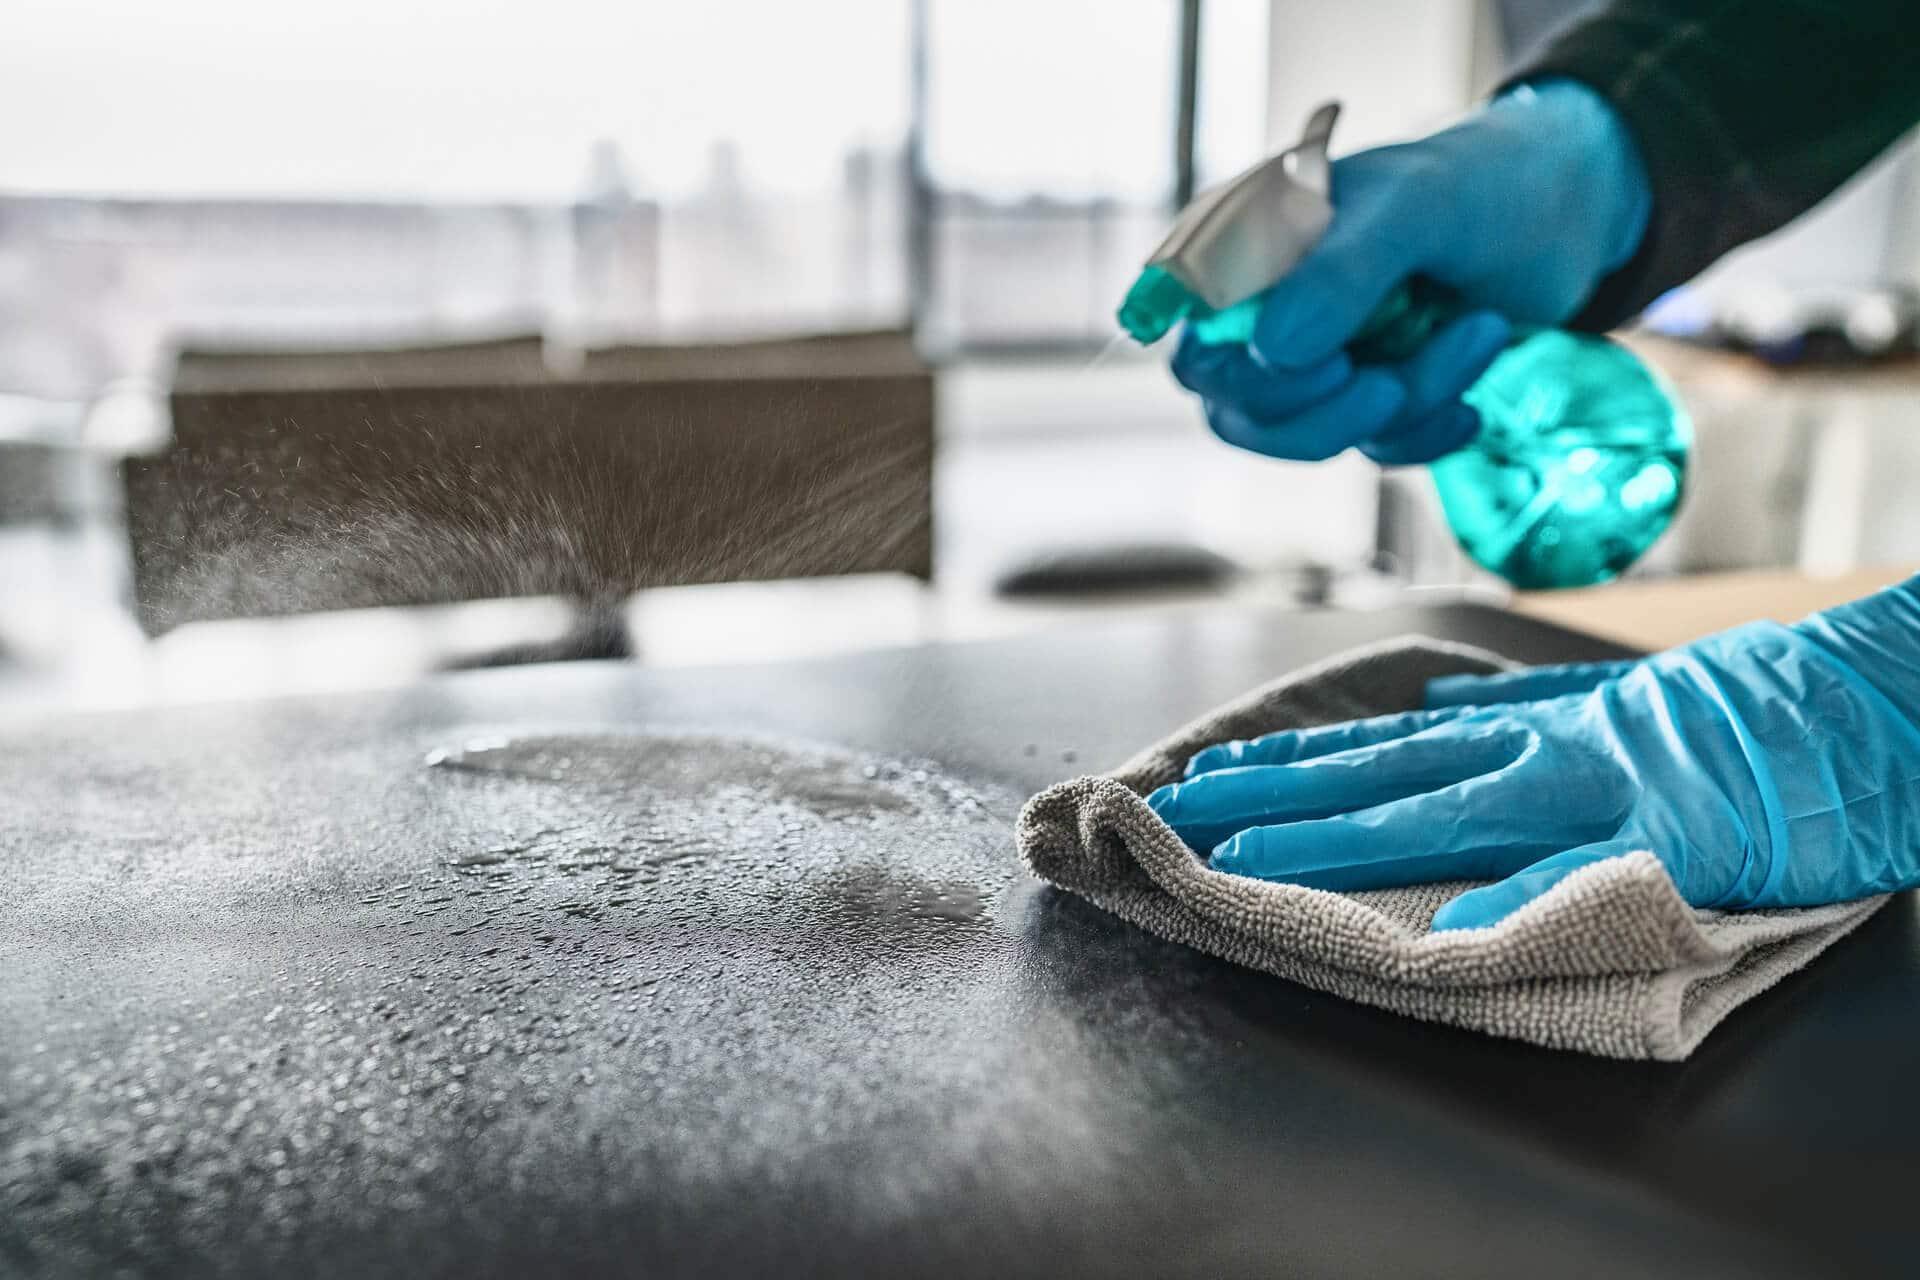 Pulire, igienizzare e sanificare sinonimi o processi diversi